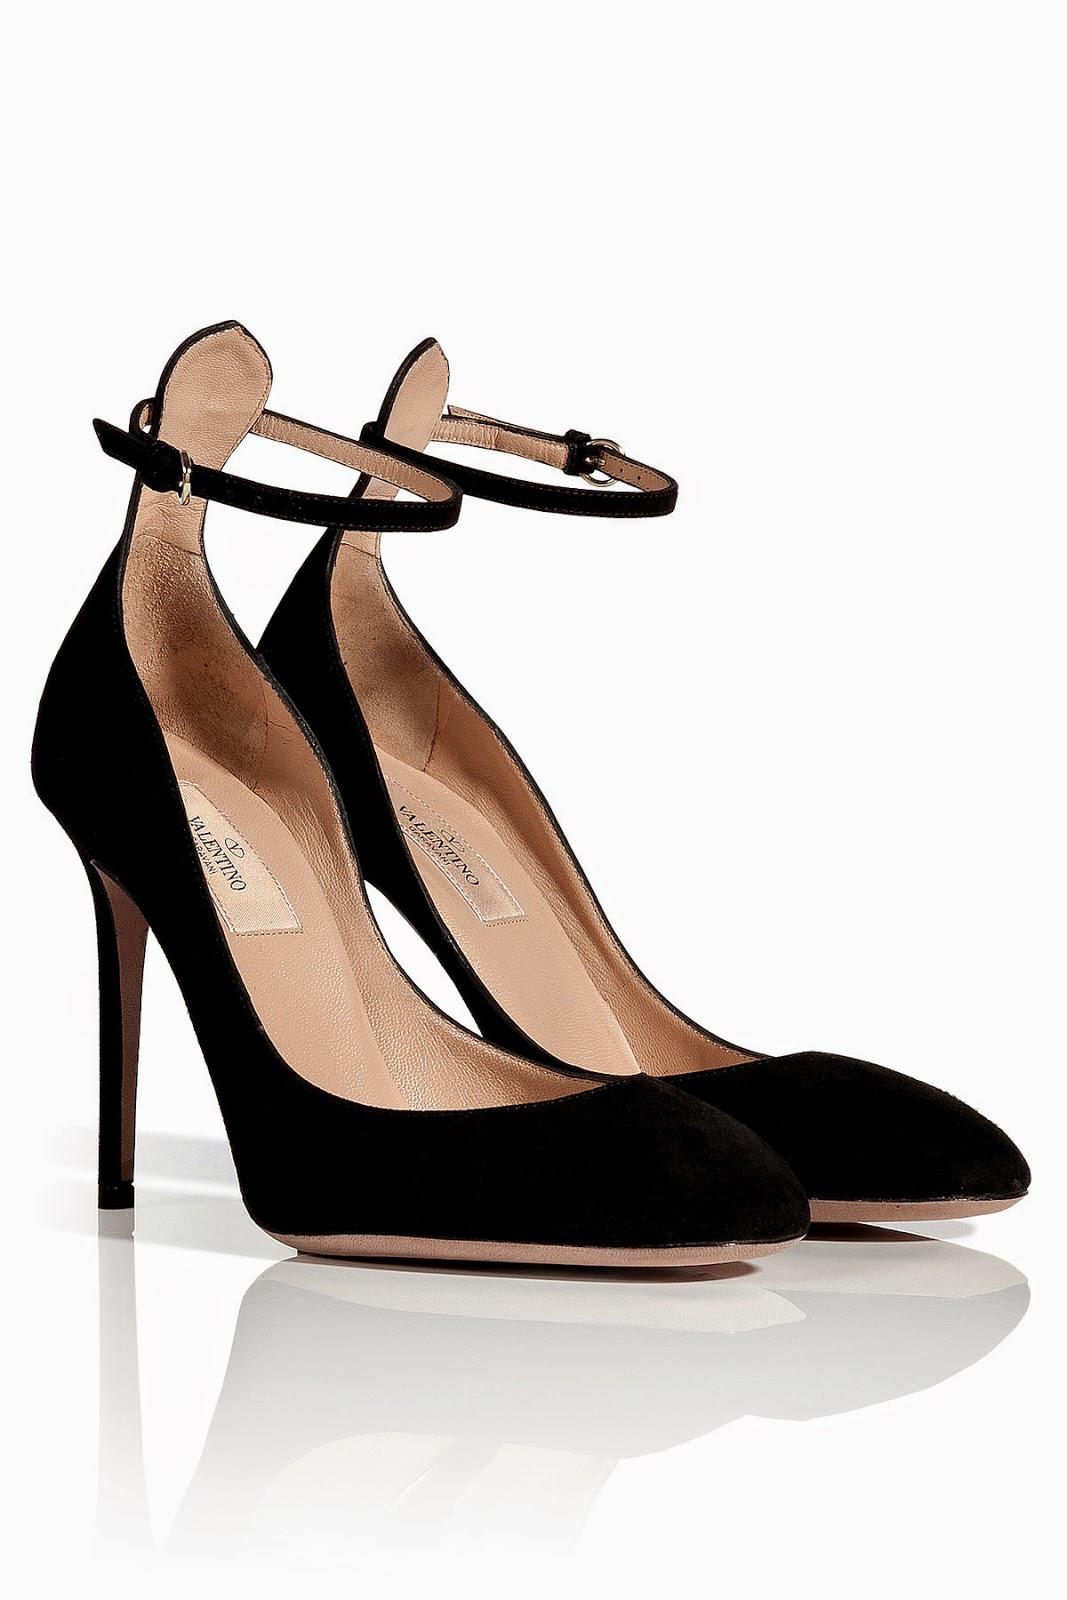 Increibles dise os de zapatos de noche moda y tendencias for Diseno de zapatos